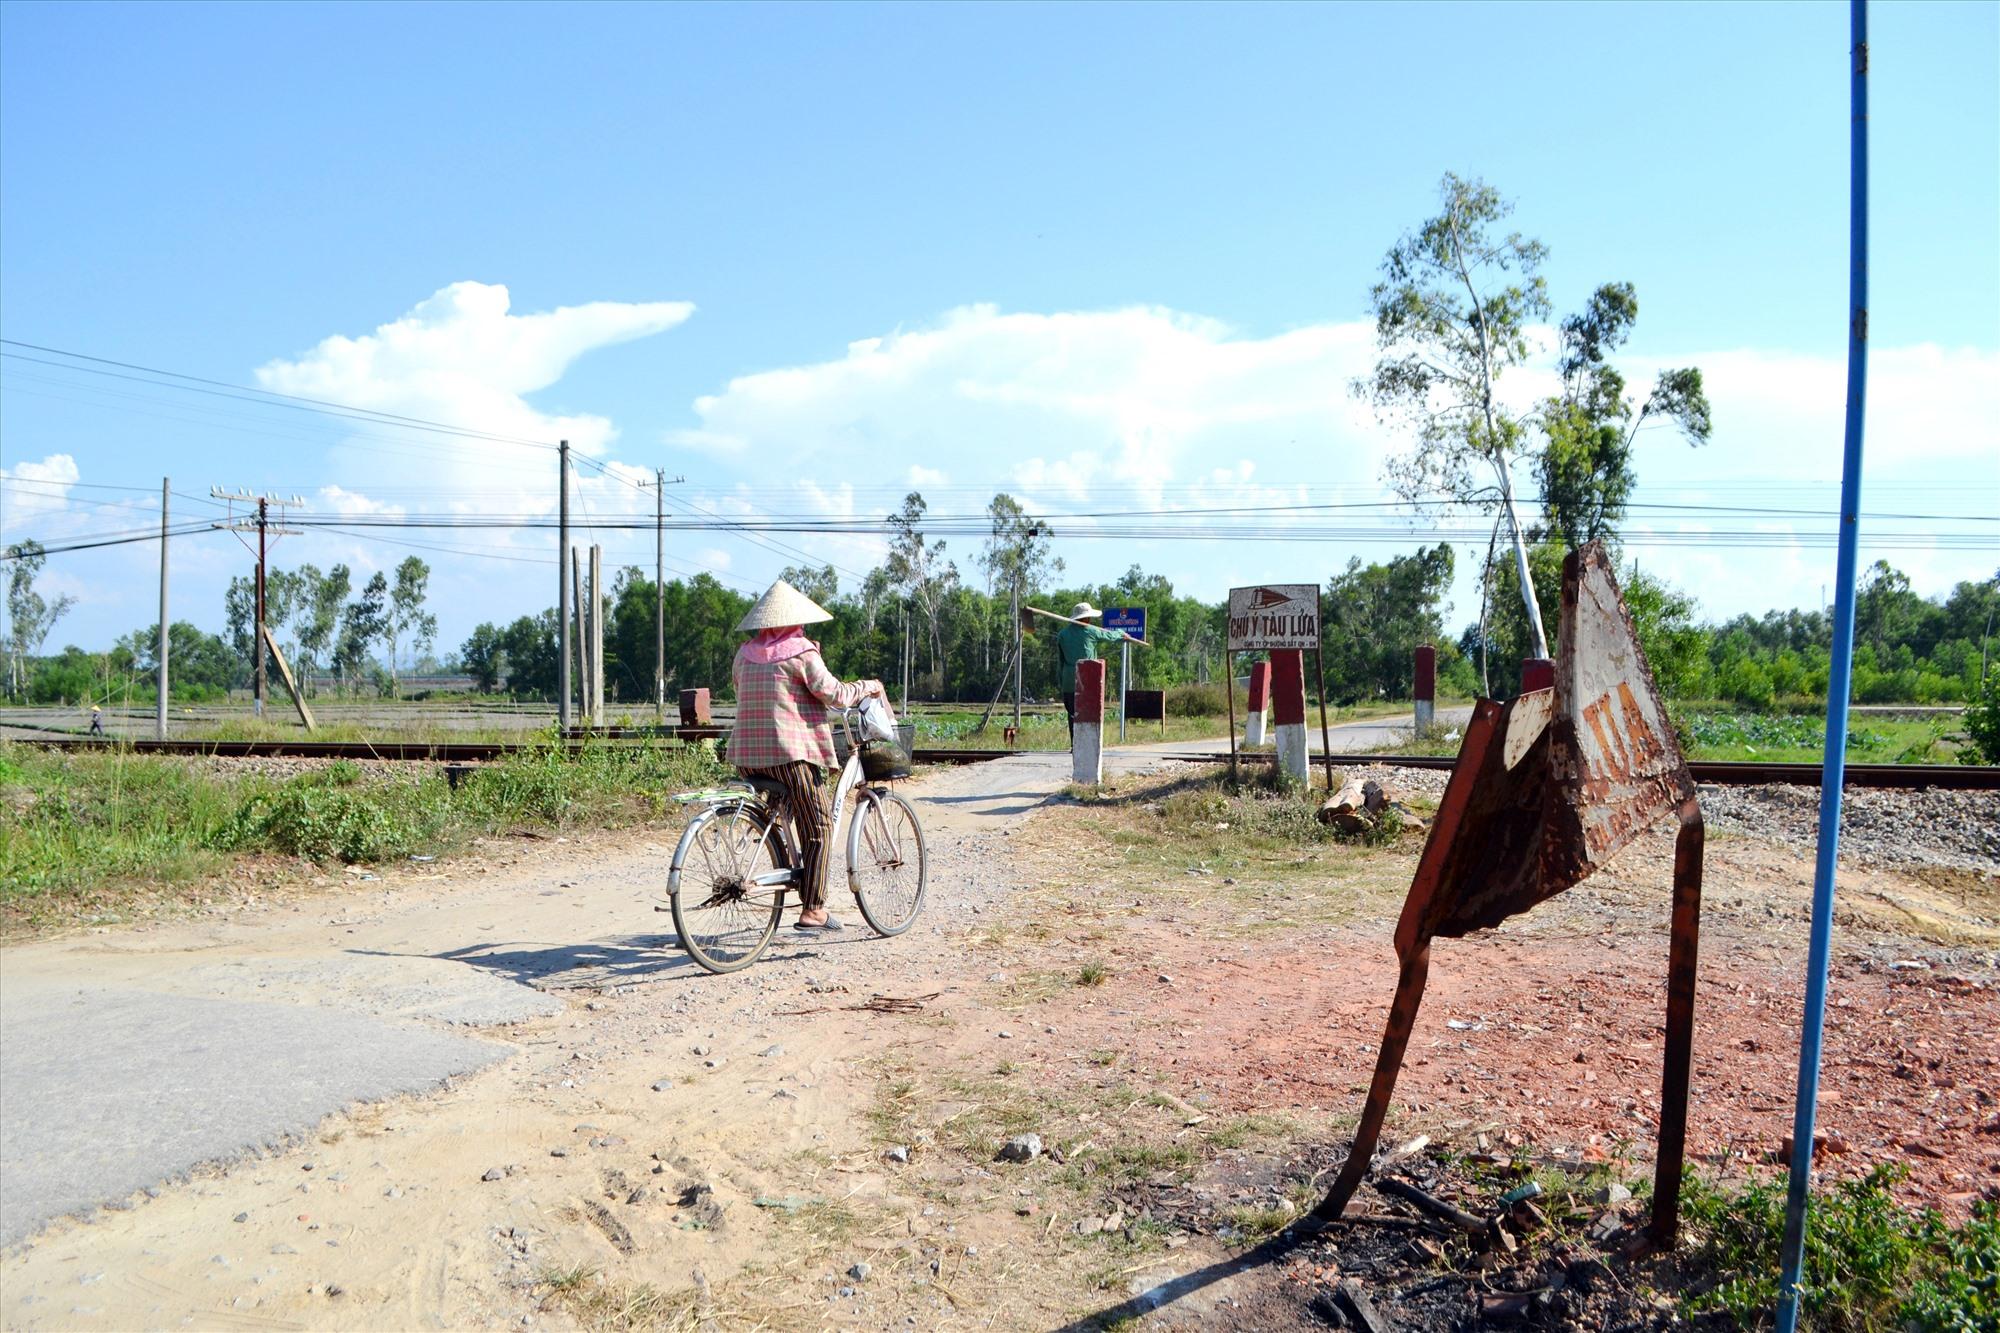 Biển cảnh báo tàu lửa tại lối đi tự mở băng qua đường sắt thuộc địa bàn xã Bình Chánh (Thăng Bình) bị biến dạng. Ảnh: K.K